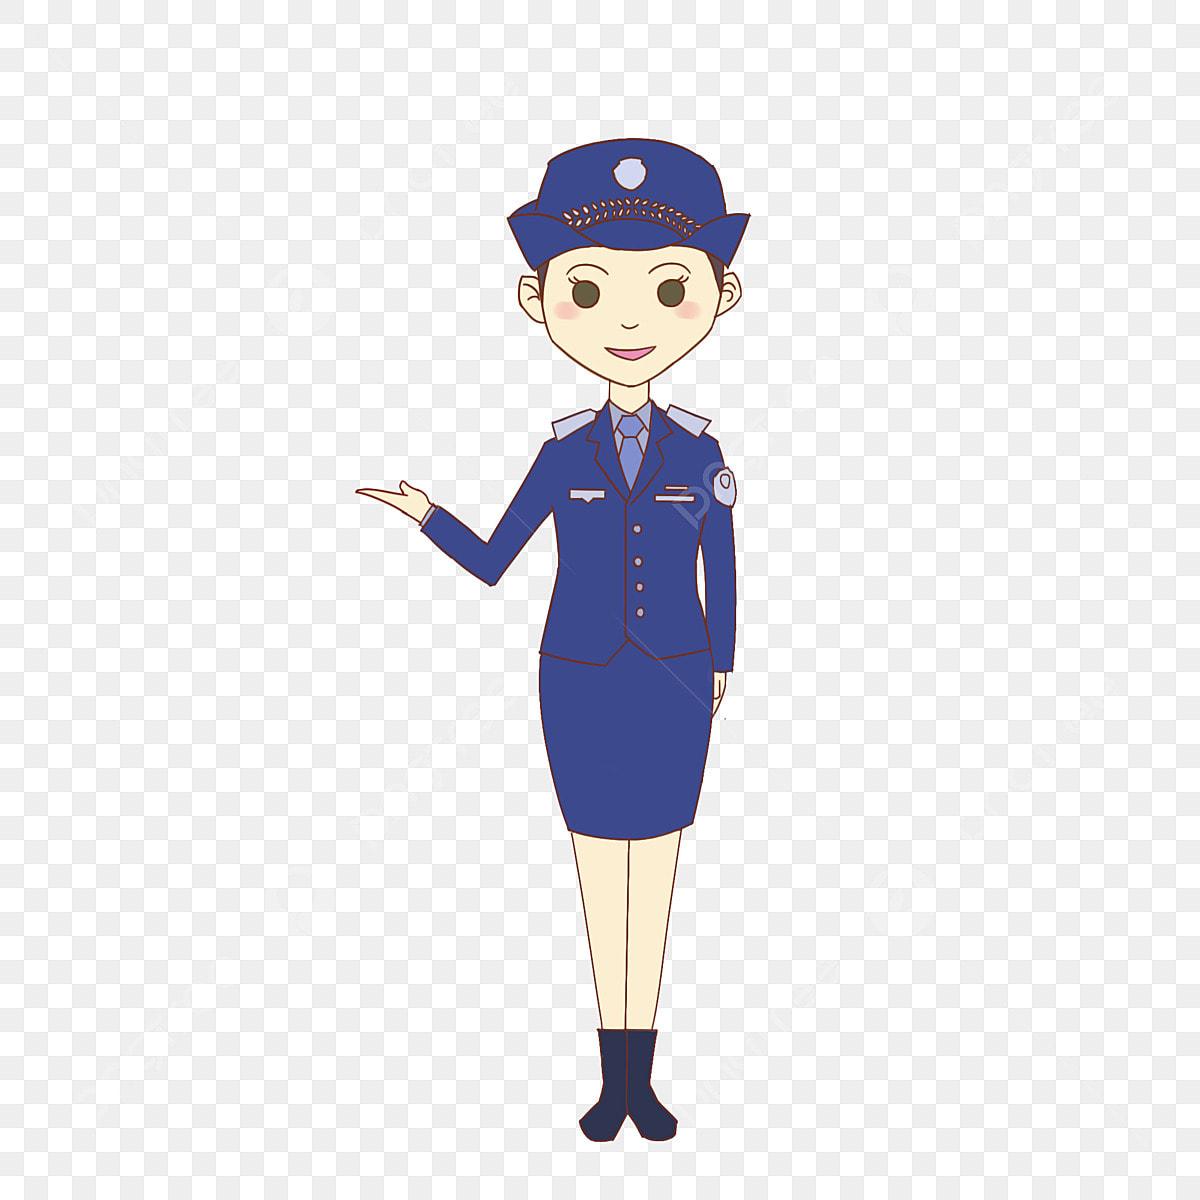 Policia Do Povo Imagem De Policial Feminina Dos Desenhos Animados Seguranca Policia Feminina Desenhada De Mao Policia Feminina Desenhada De Mao Secretaria De Seguranca Publica Seguranca Publica Imagem Png E Psd Para